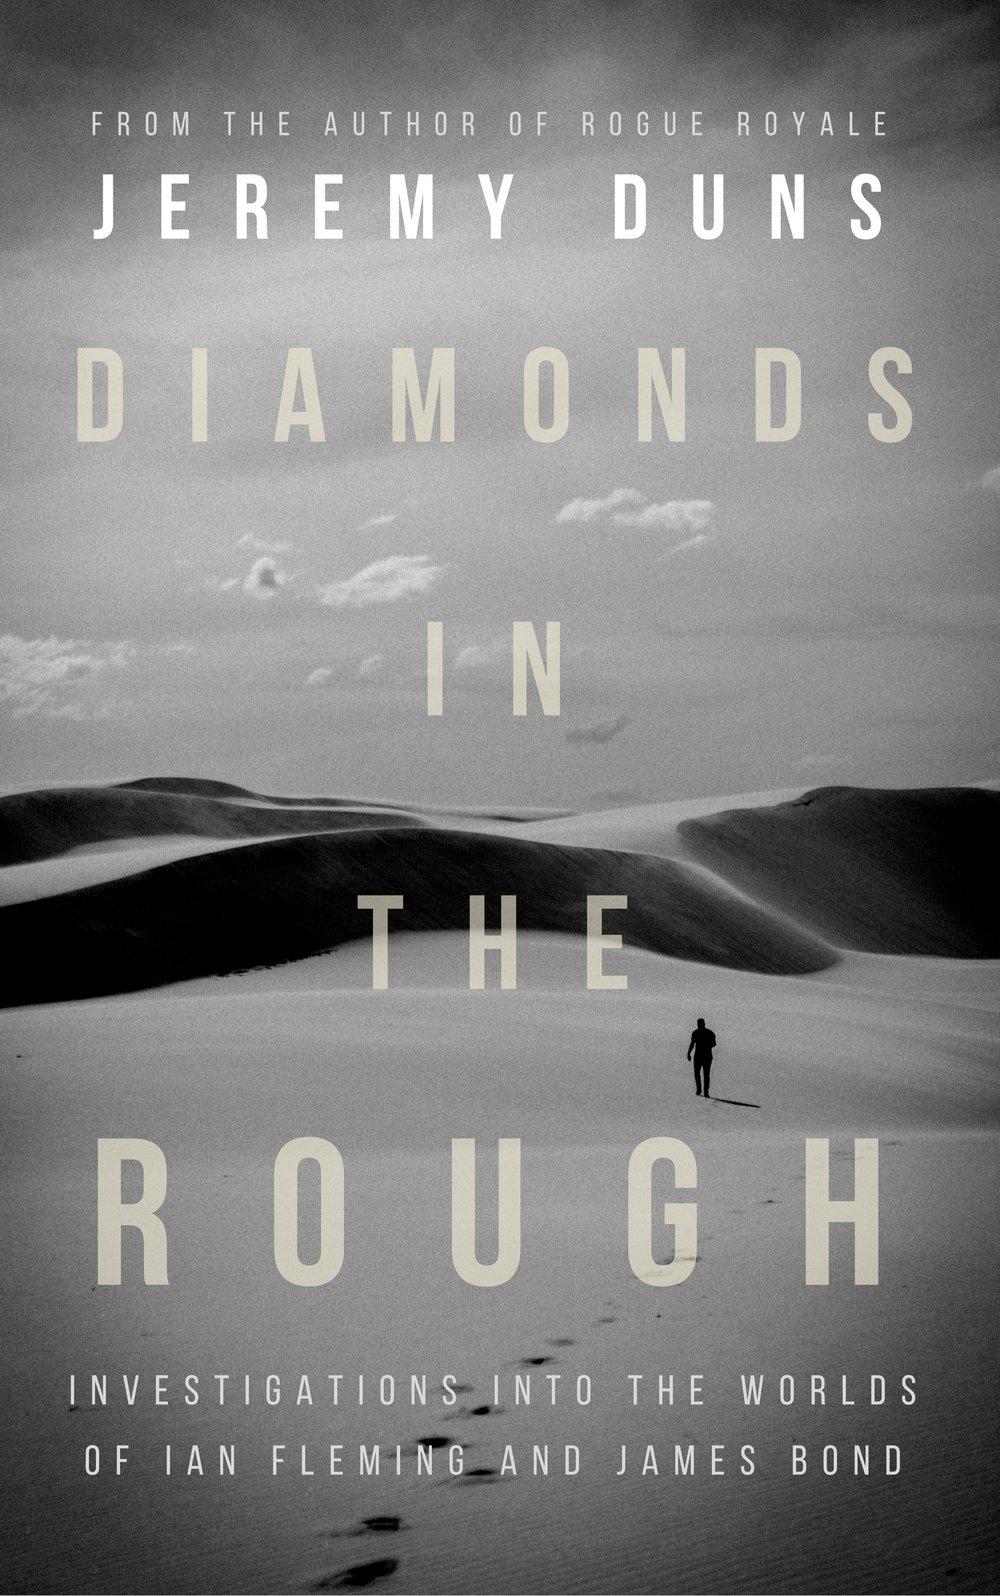 DIAMONDS IN THE ROUGH BILLY PASCO UNSPLASH SEPTEMBER 2017 (1).jpg